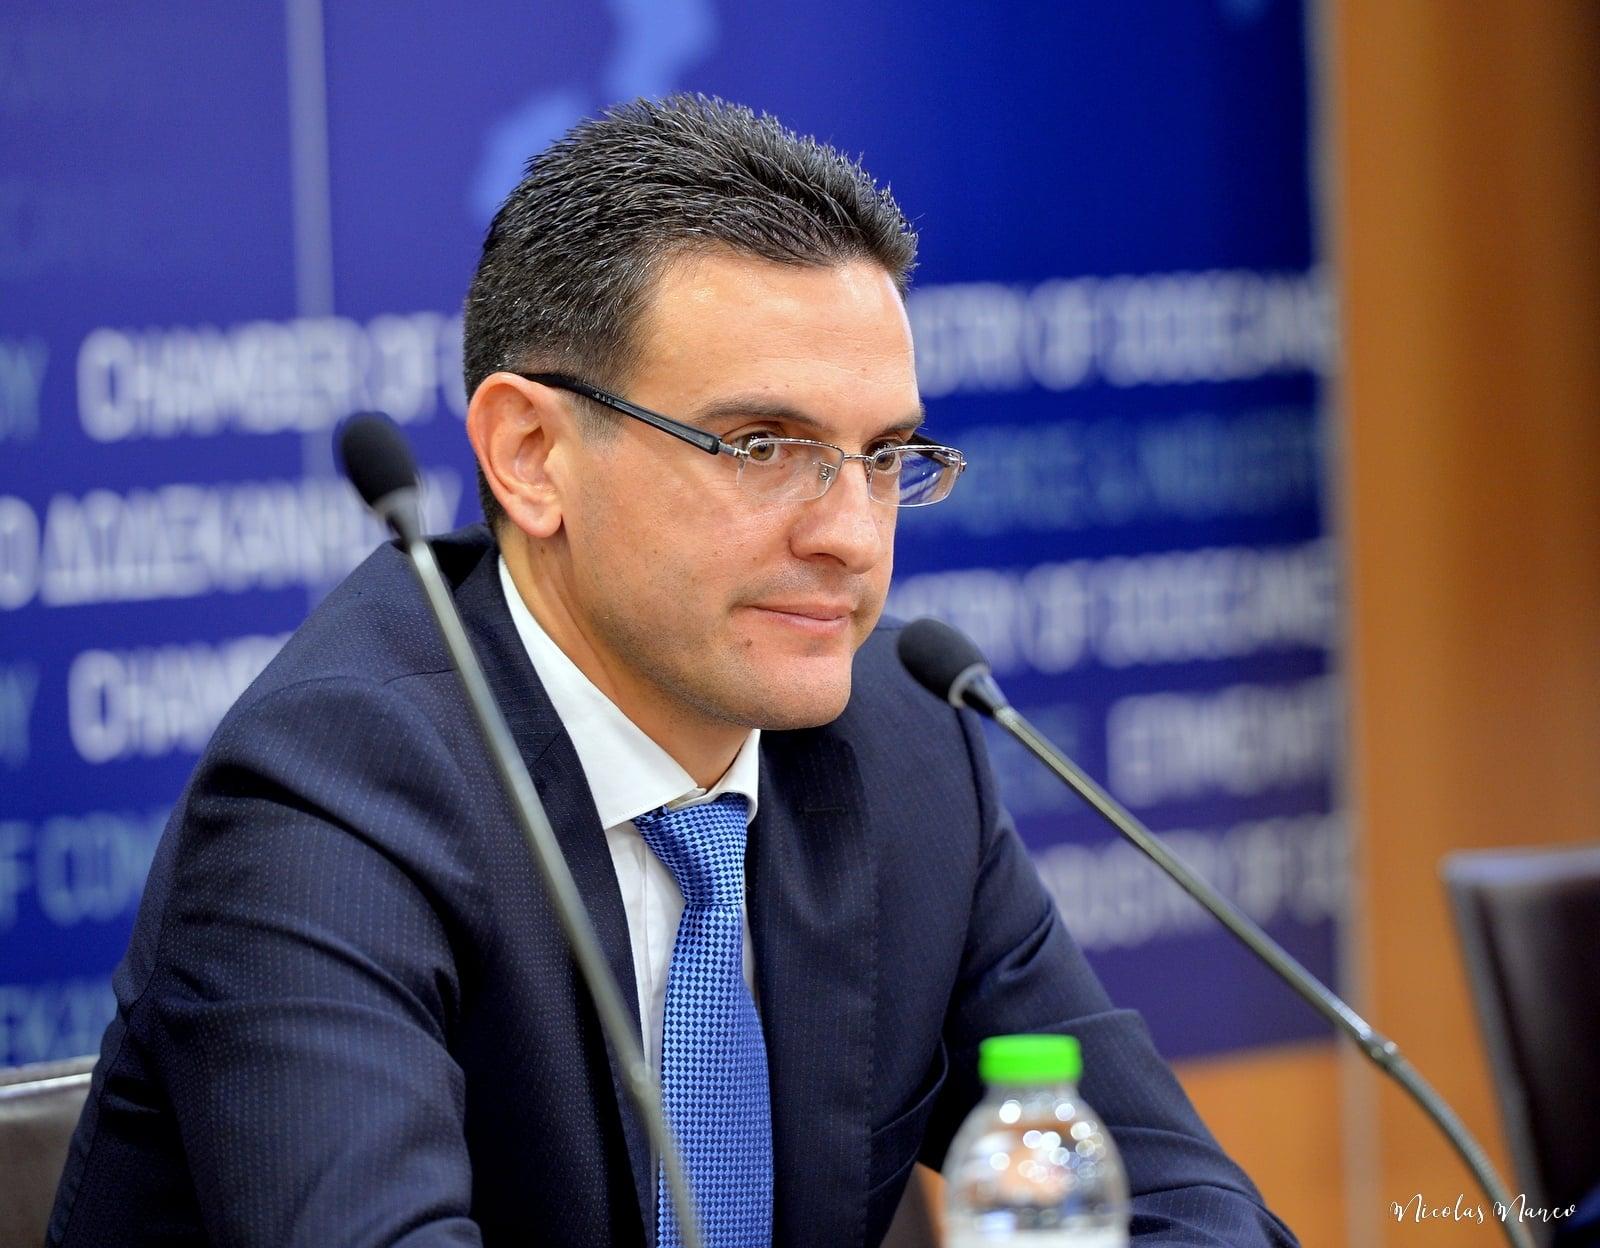 Επιστολή ΟΕΕ Δωδεκανήσου προς τον υφυπουργό ναυτιλίας και νησιωτικής πολιτικής κ. Κωνσταντίνο Κατσαφάδο